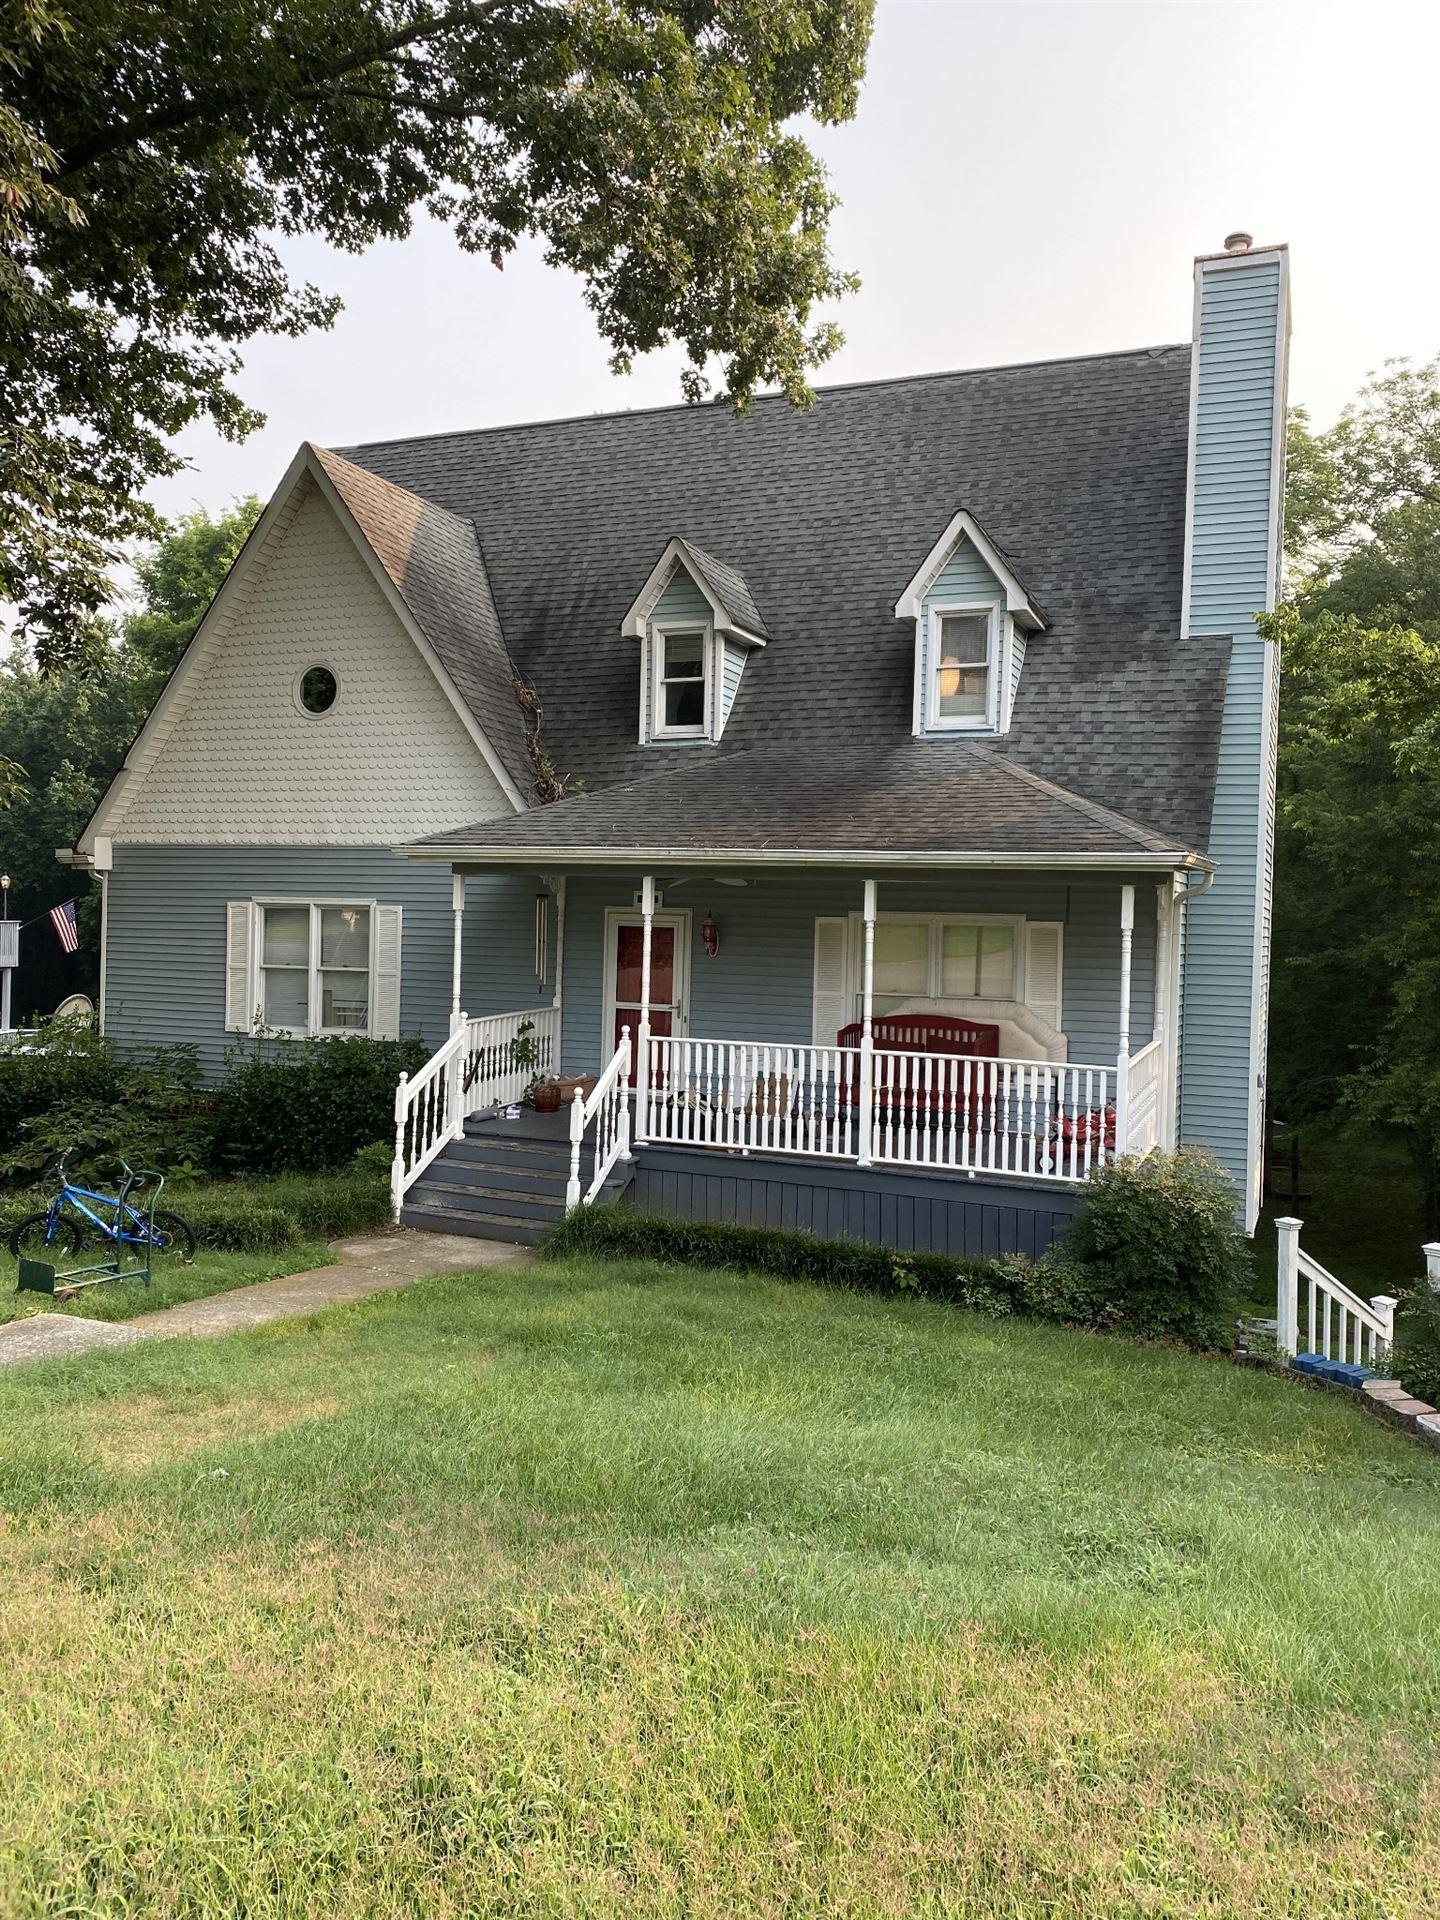 1340 Marymont Dr, Murfreesboro, TN 37129 - MLS#: 2275271